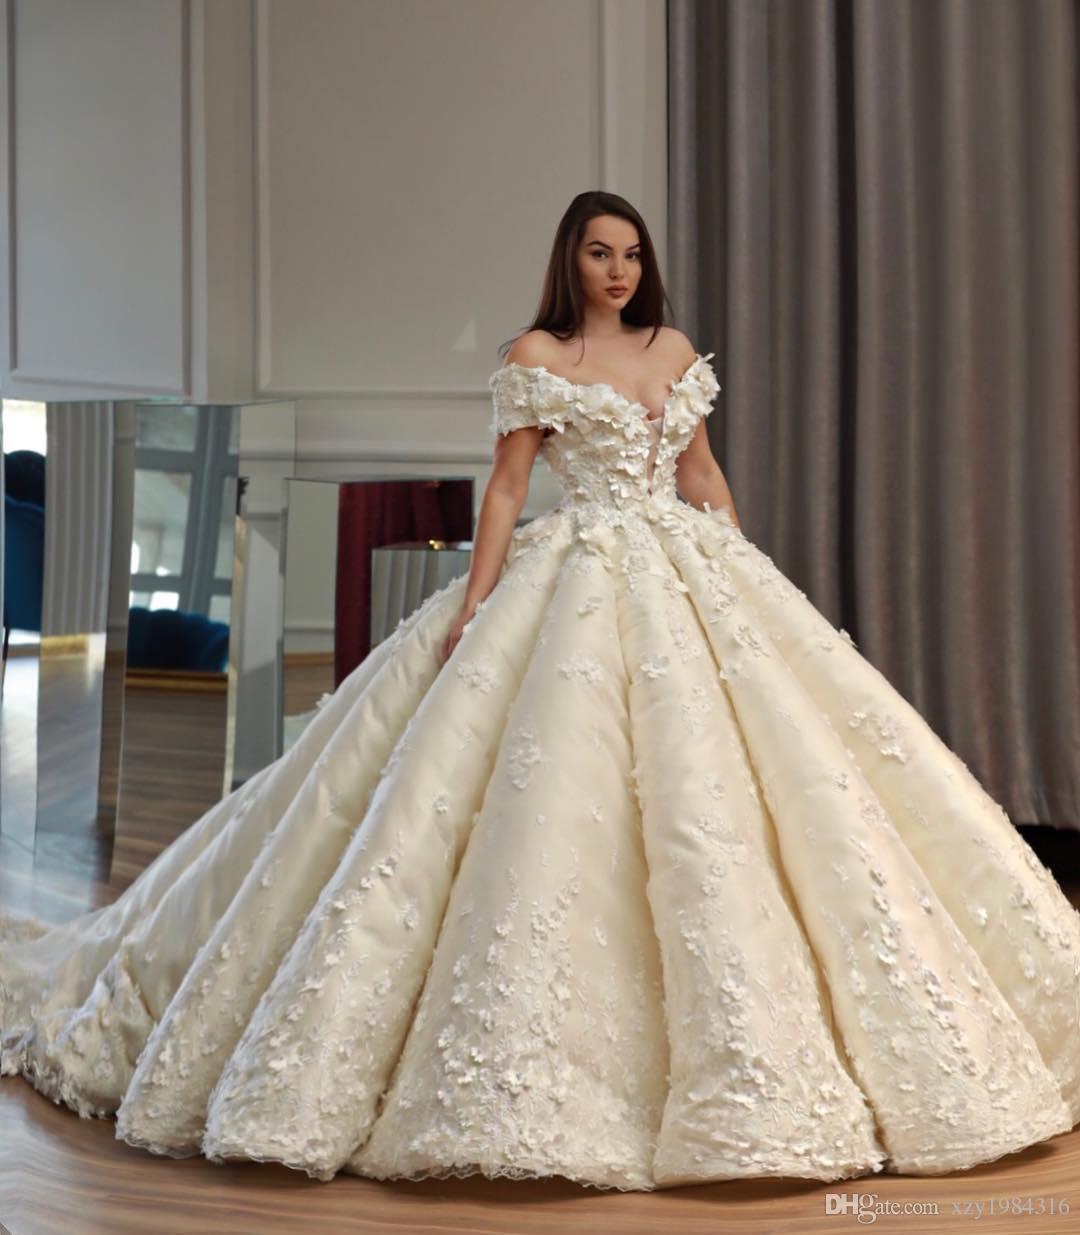 Saudi Dubai Princess Wedding Dress weg von der Schulter-Korn-3D Blumen Applikationen Tule Ballkleid Brautkleider Charming Arabien Brautkleid Brautkleid